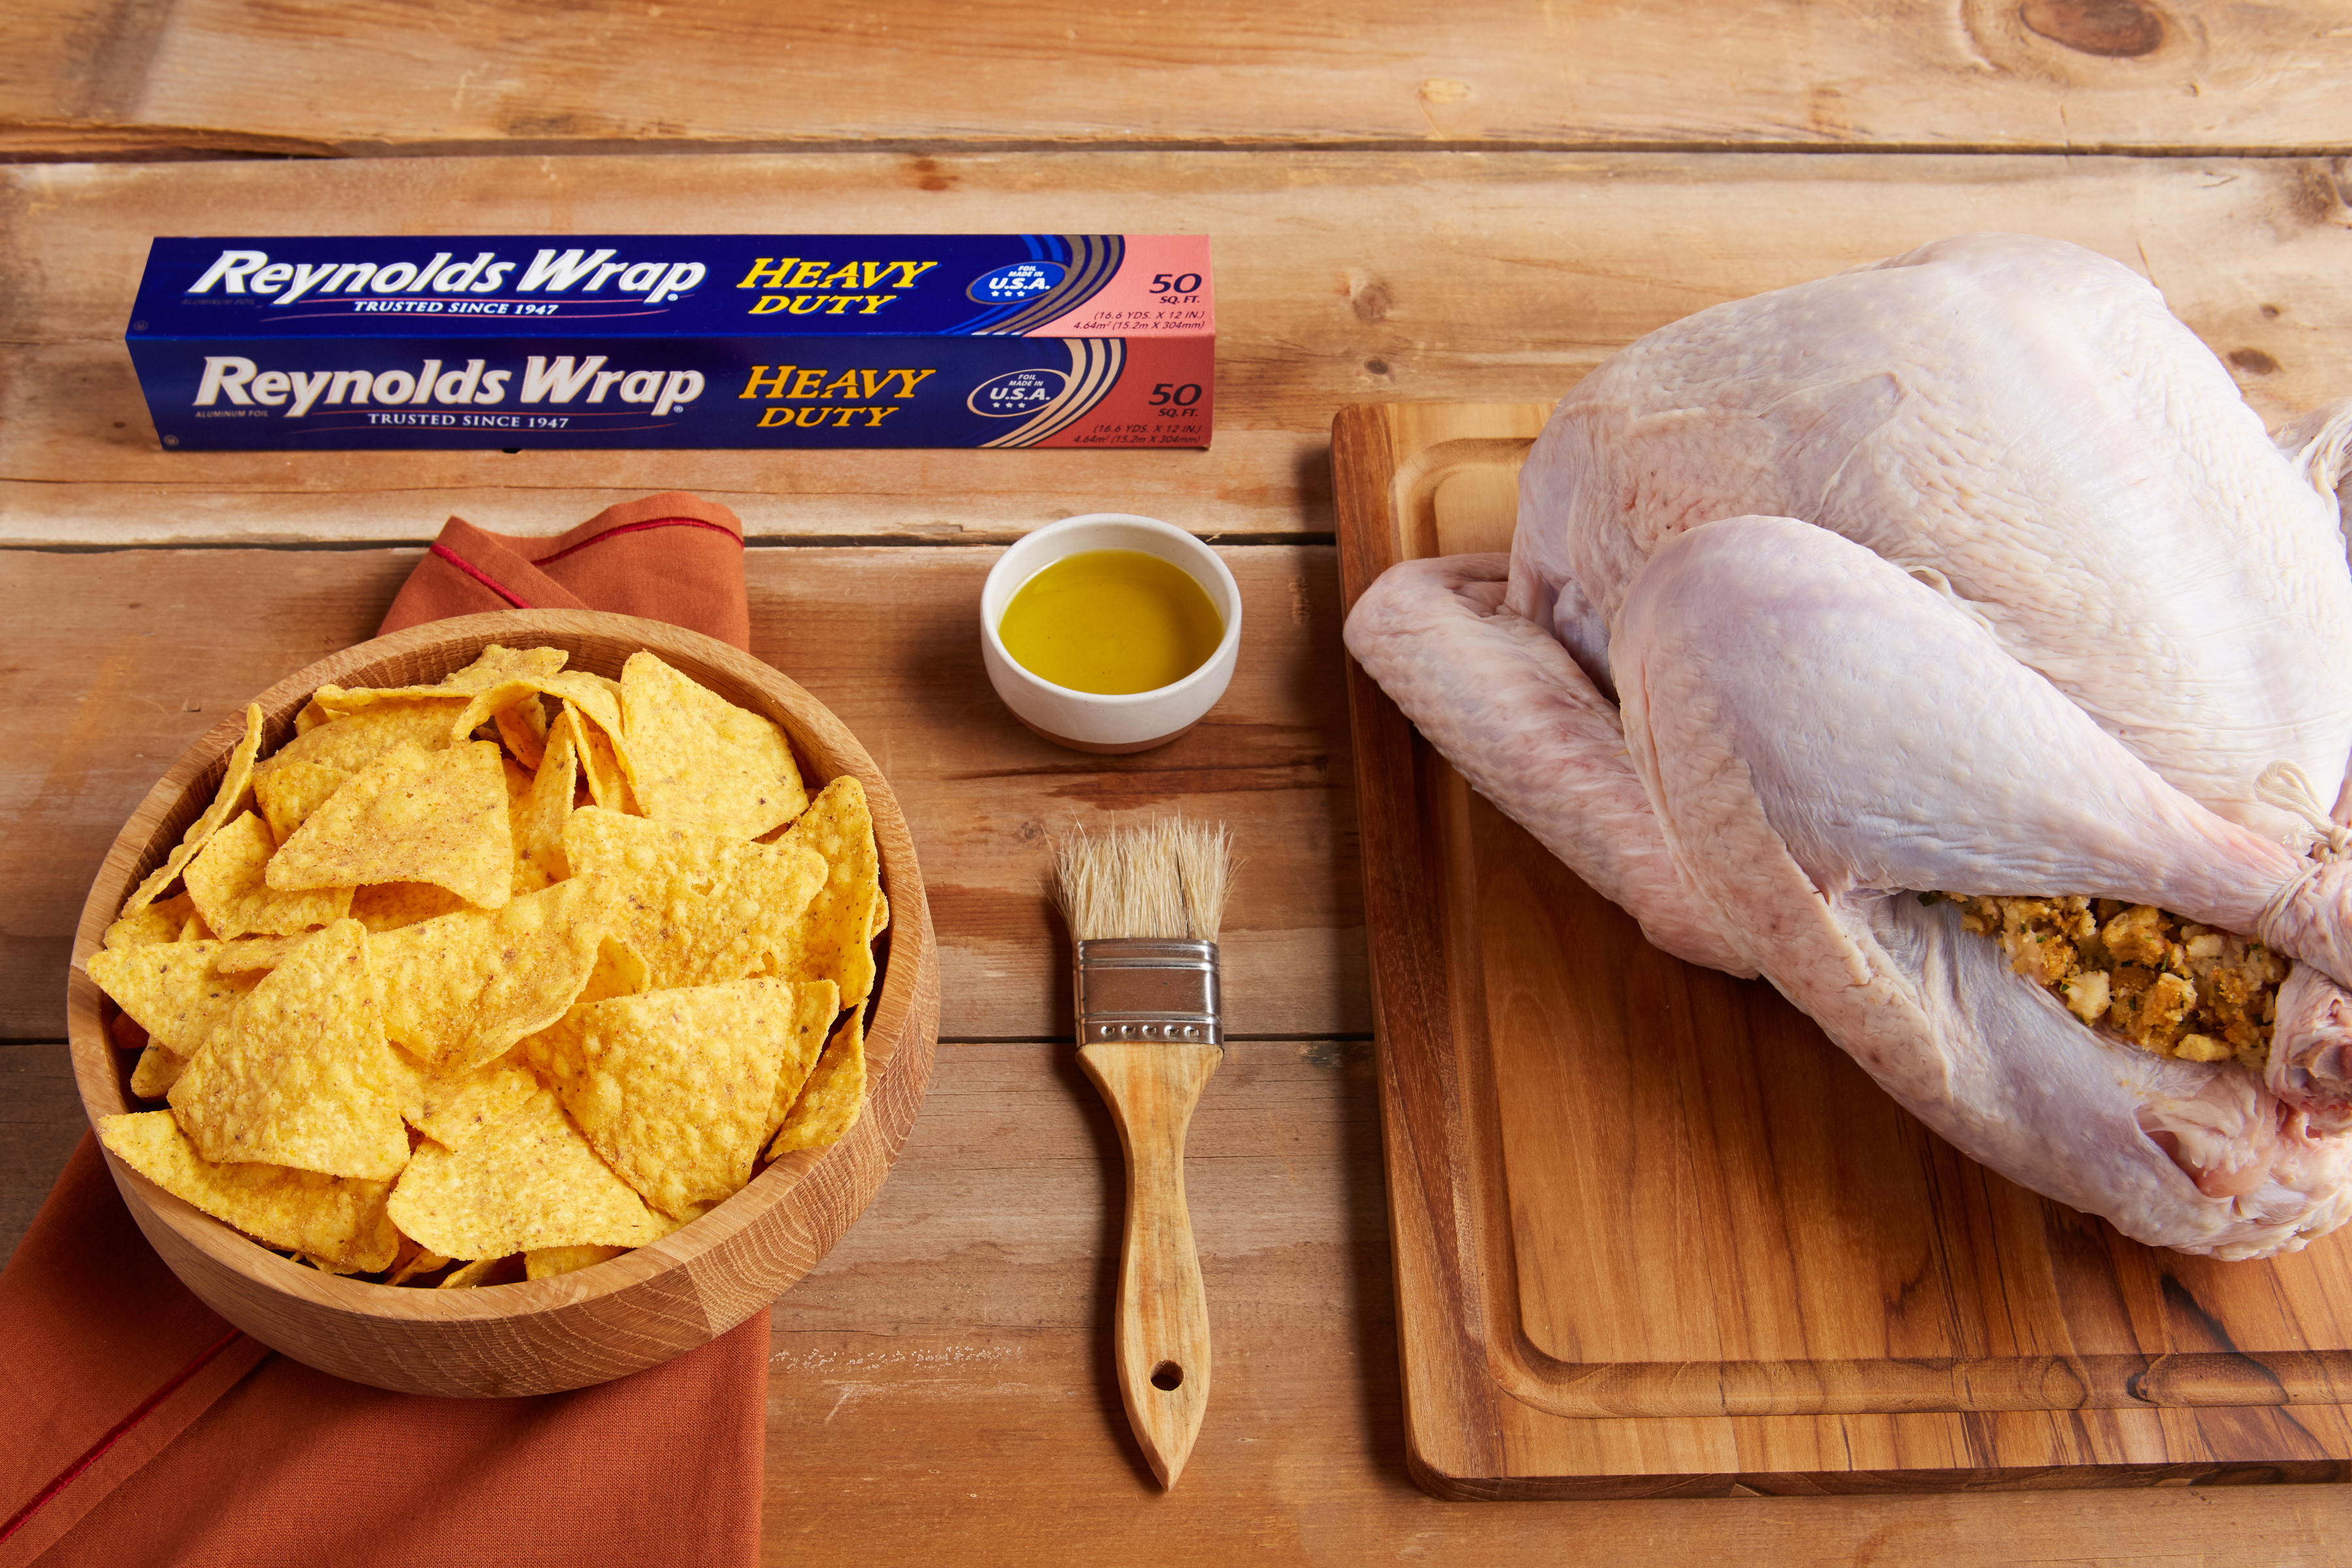 Doritos Turkey Ingredients